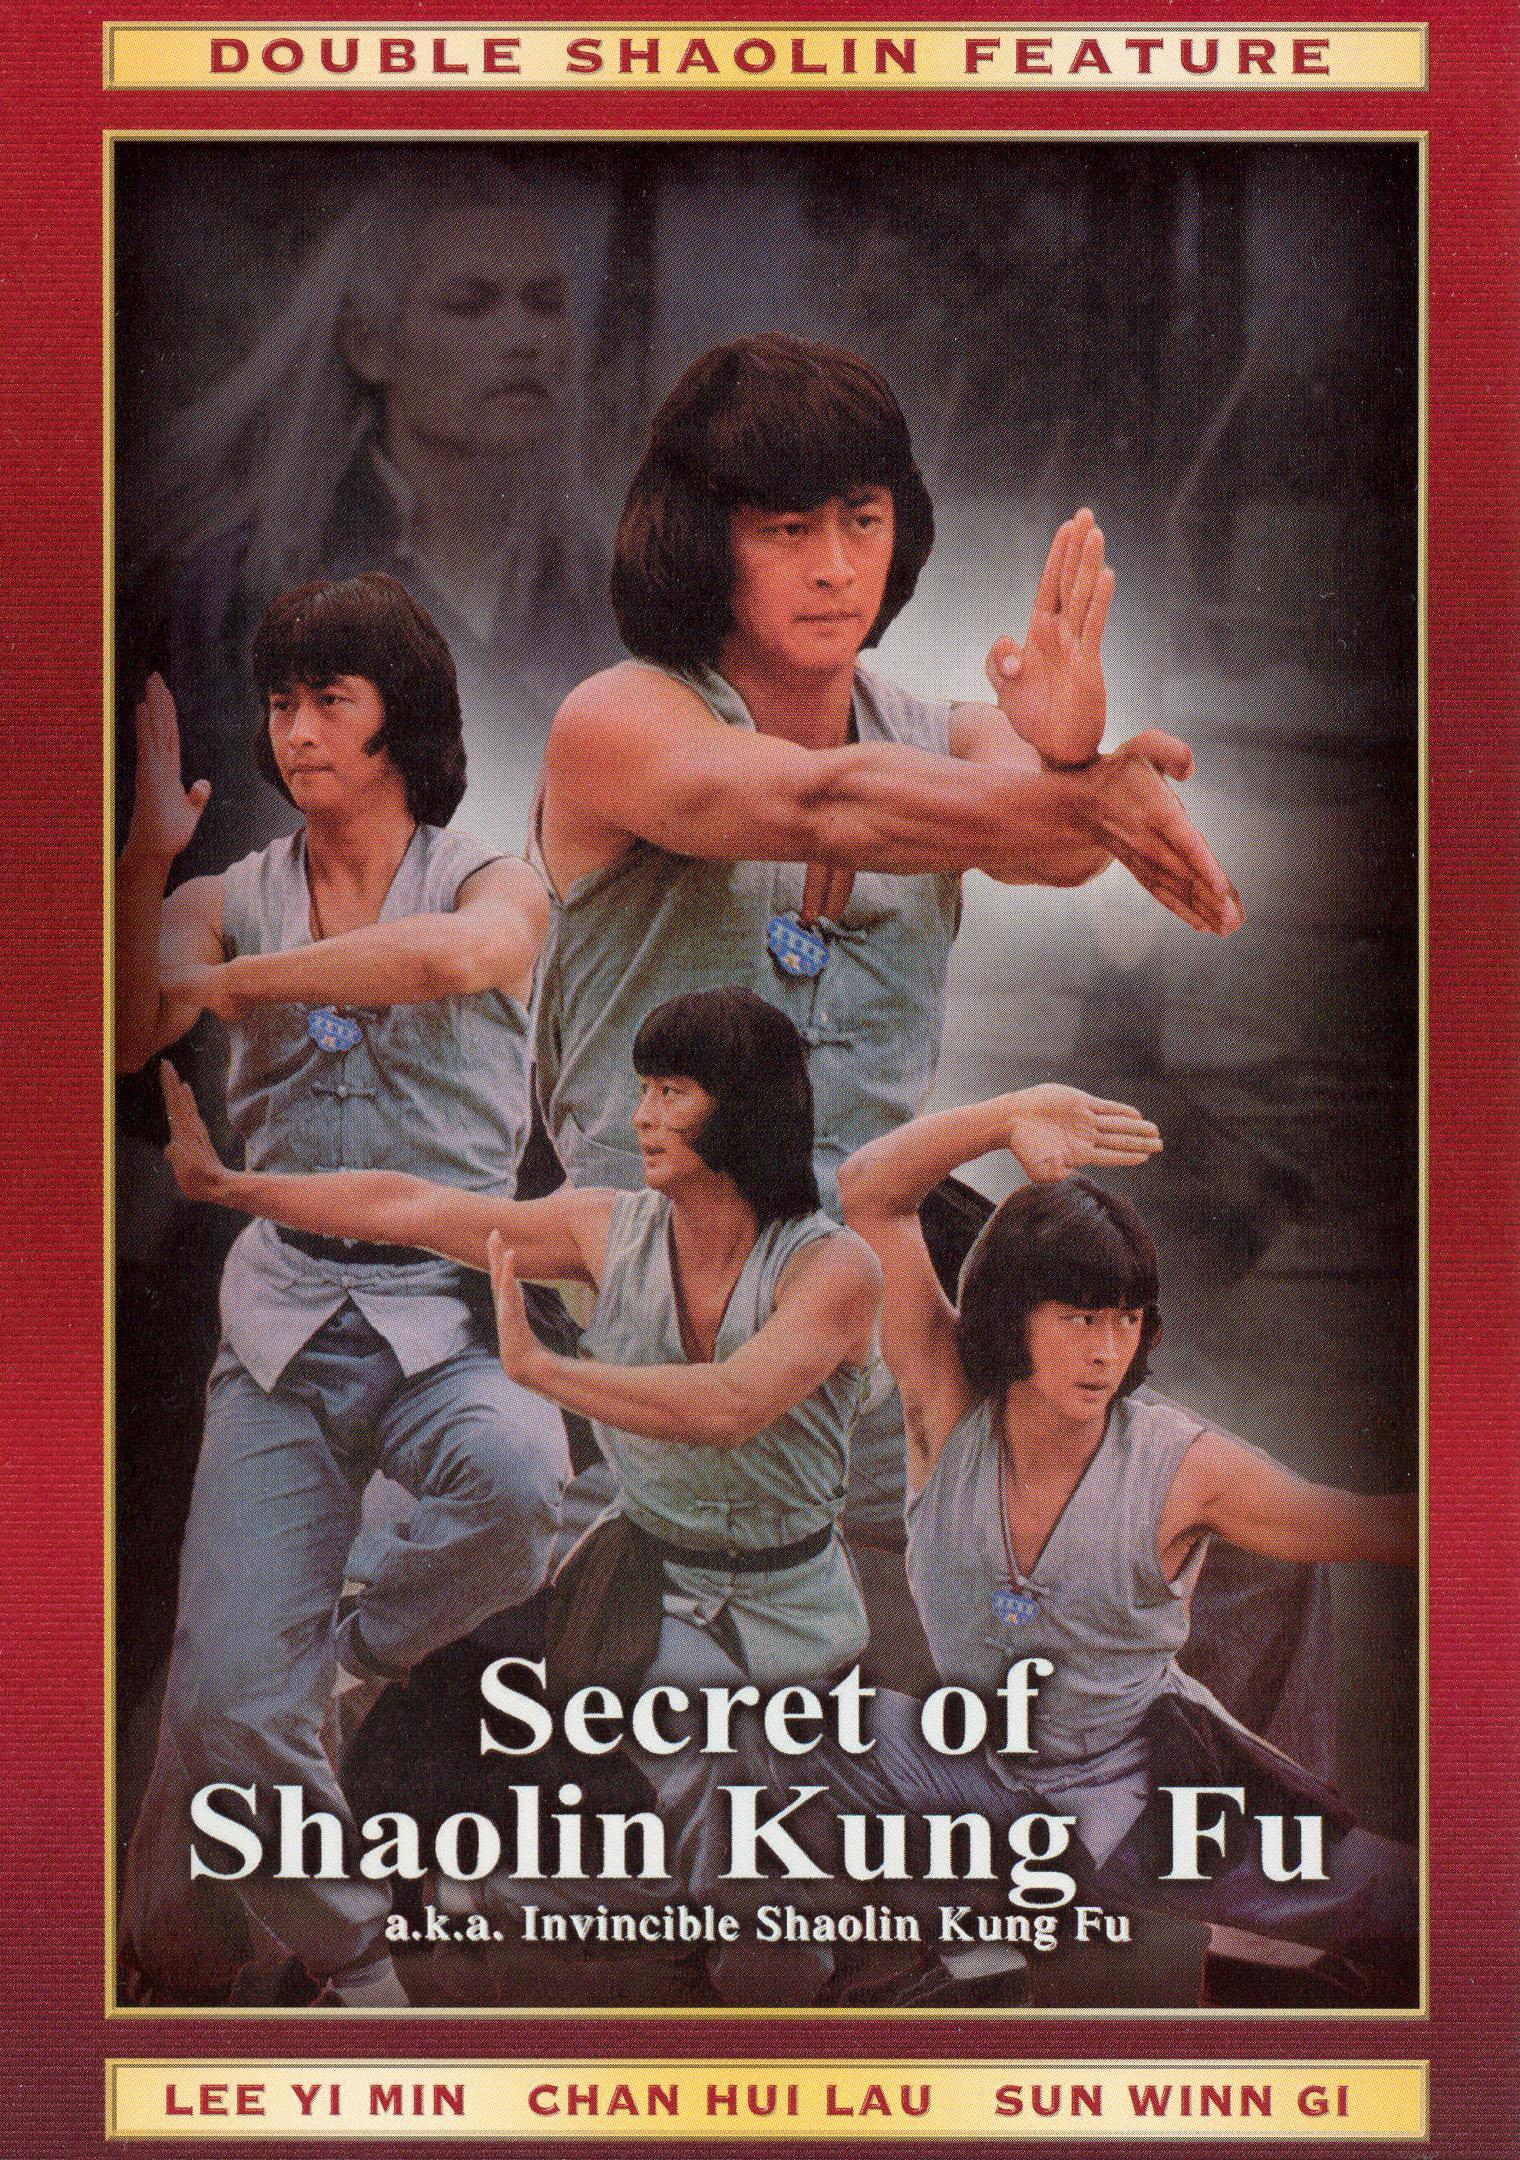 Secret of Shaolin Kung Fu